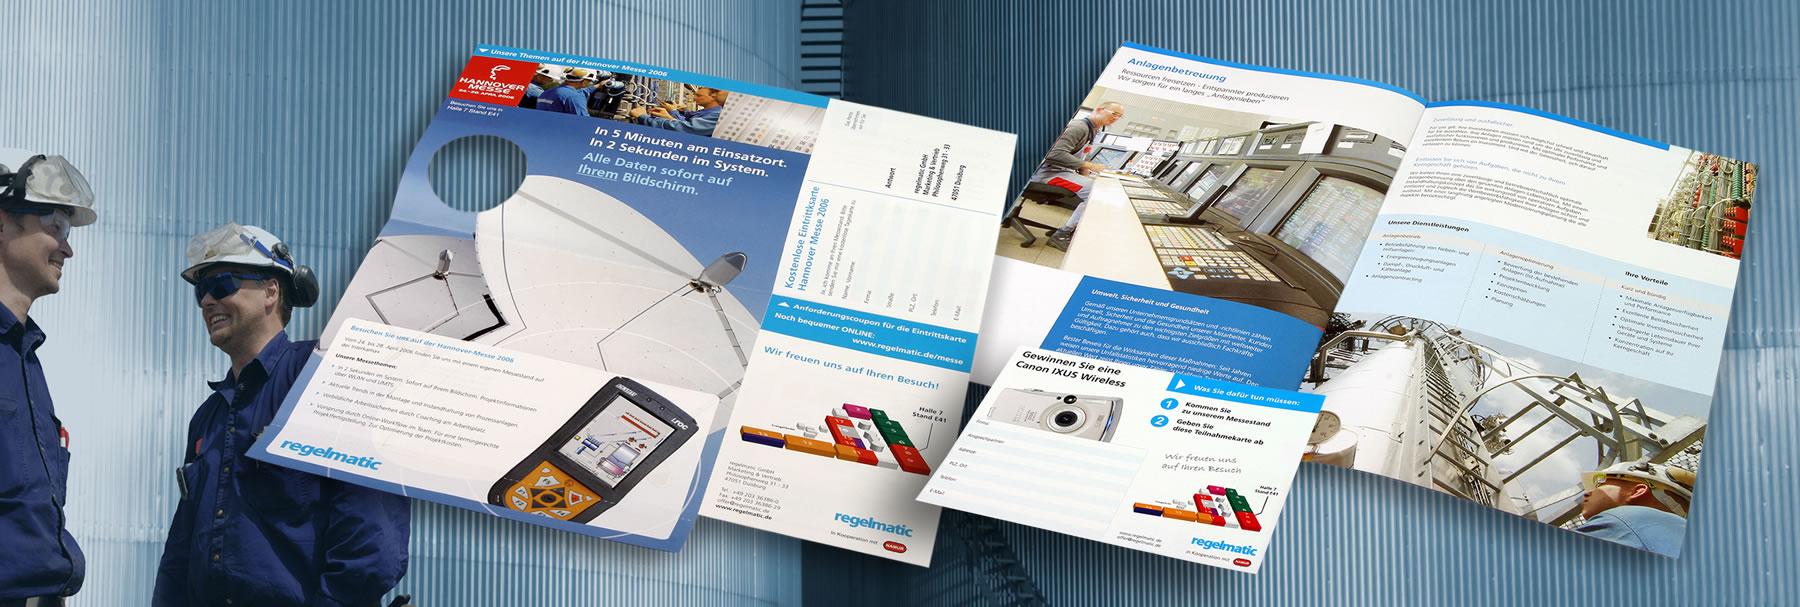 Grafikdesign für regelmatic GmbH Rodgau im Rahmen der Hannover Messe